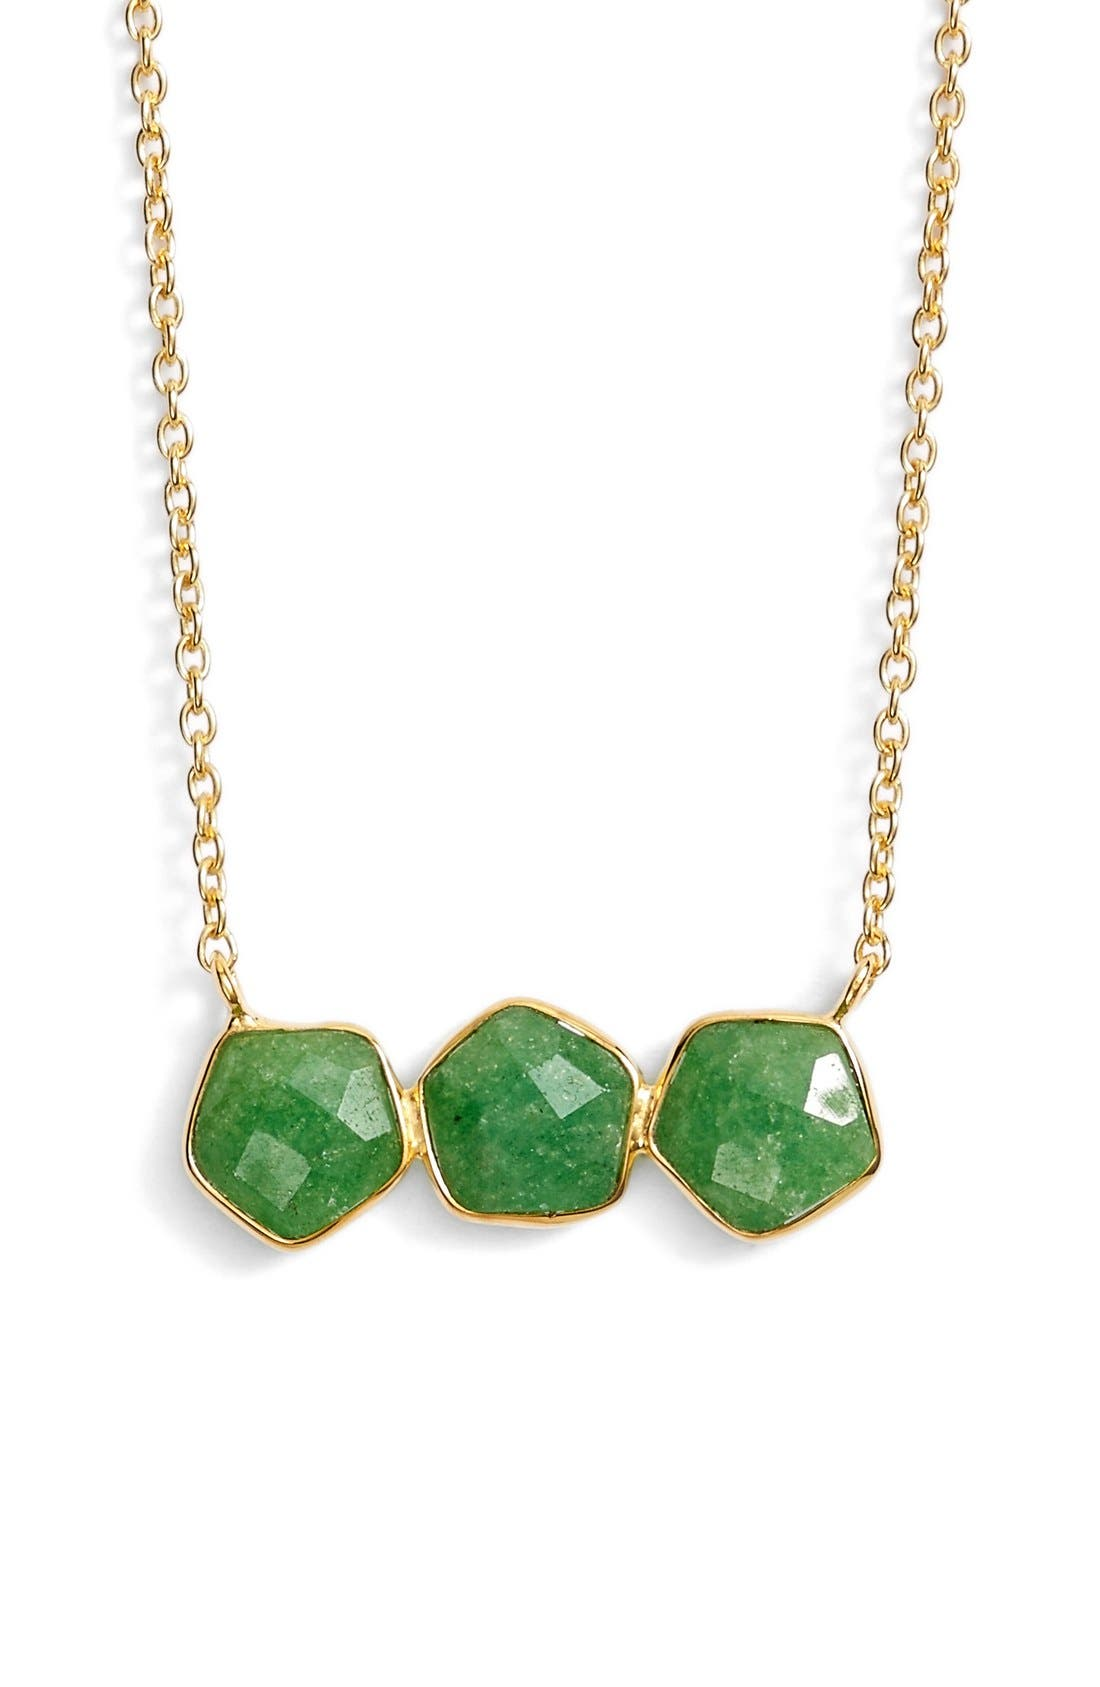 Main Image - ArgentoVivoThree Stone Frontal Necklace